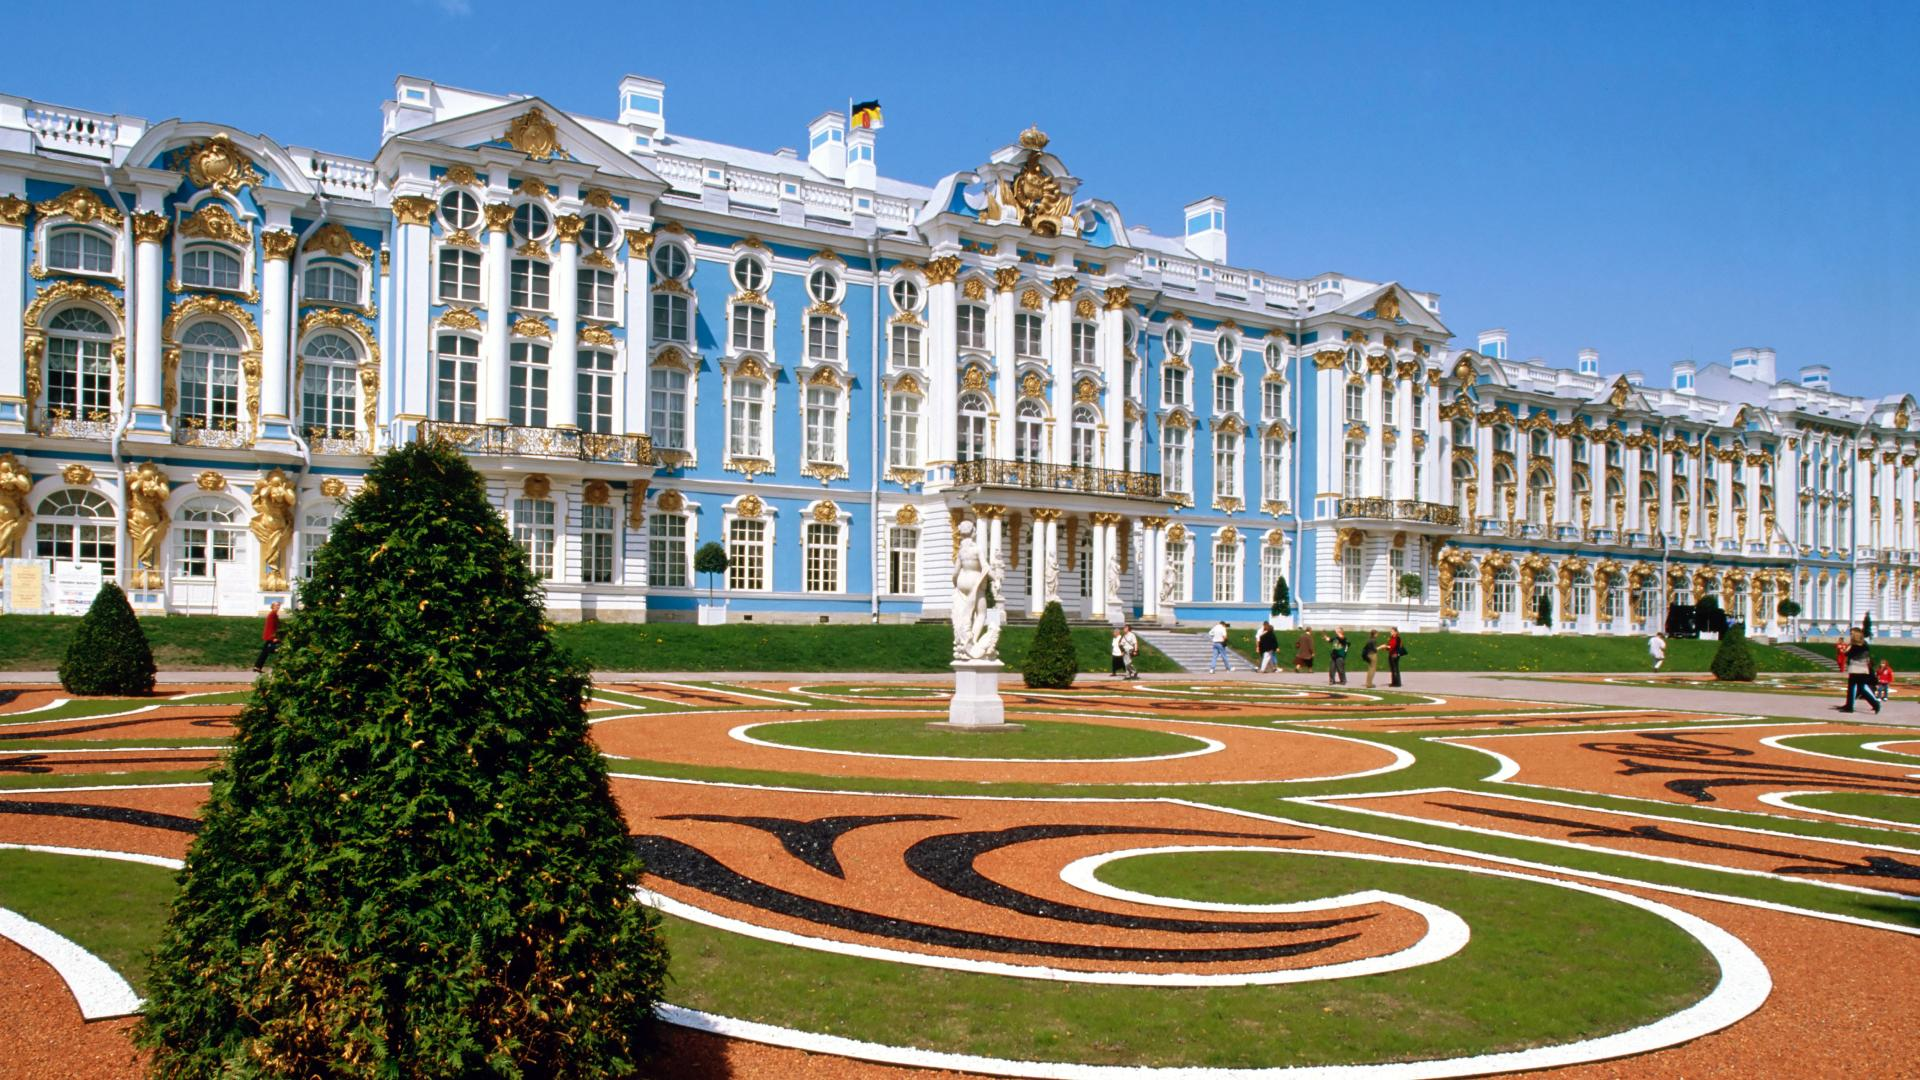 S. Pietroburgo